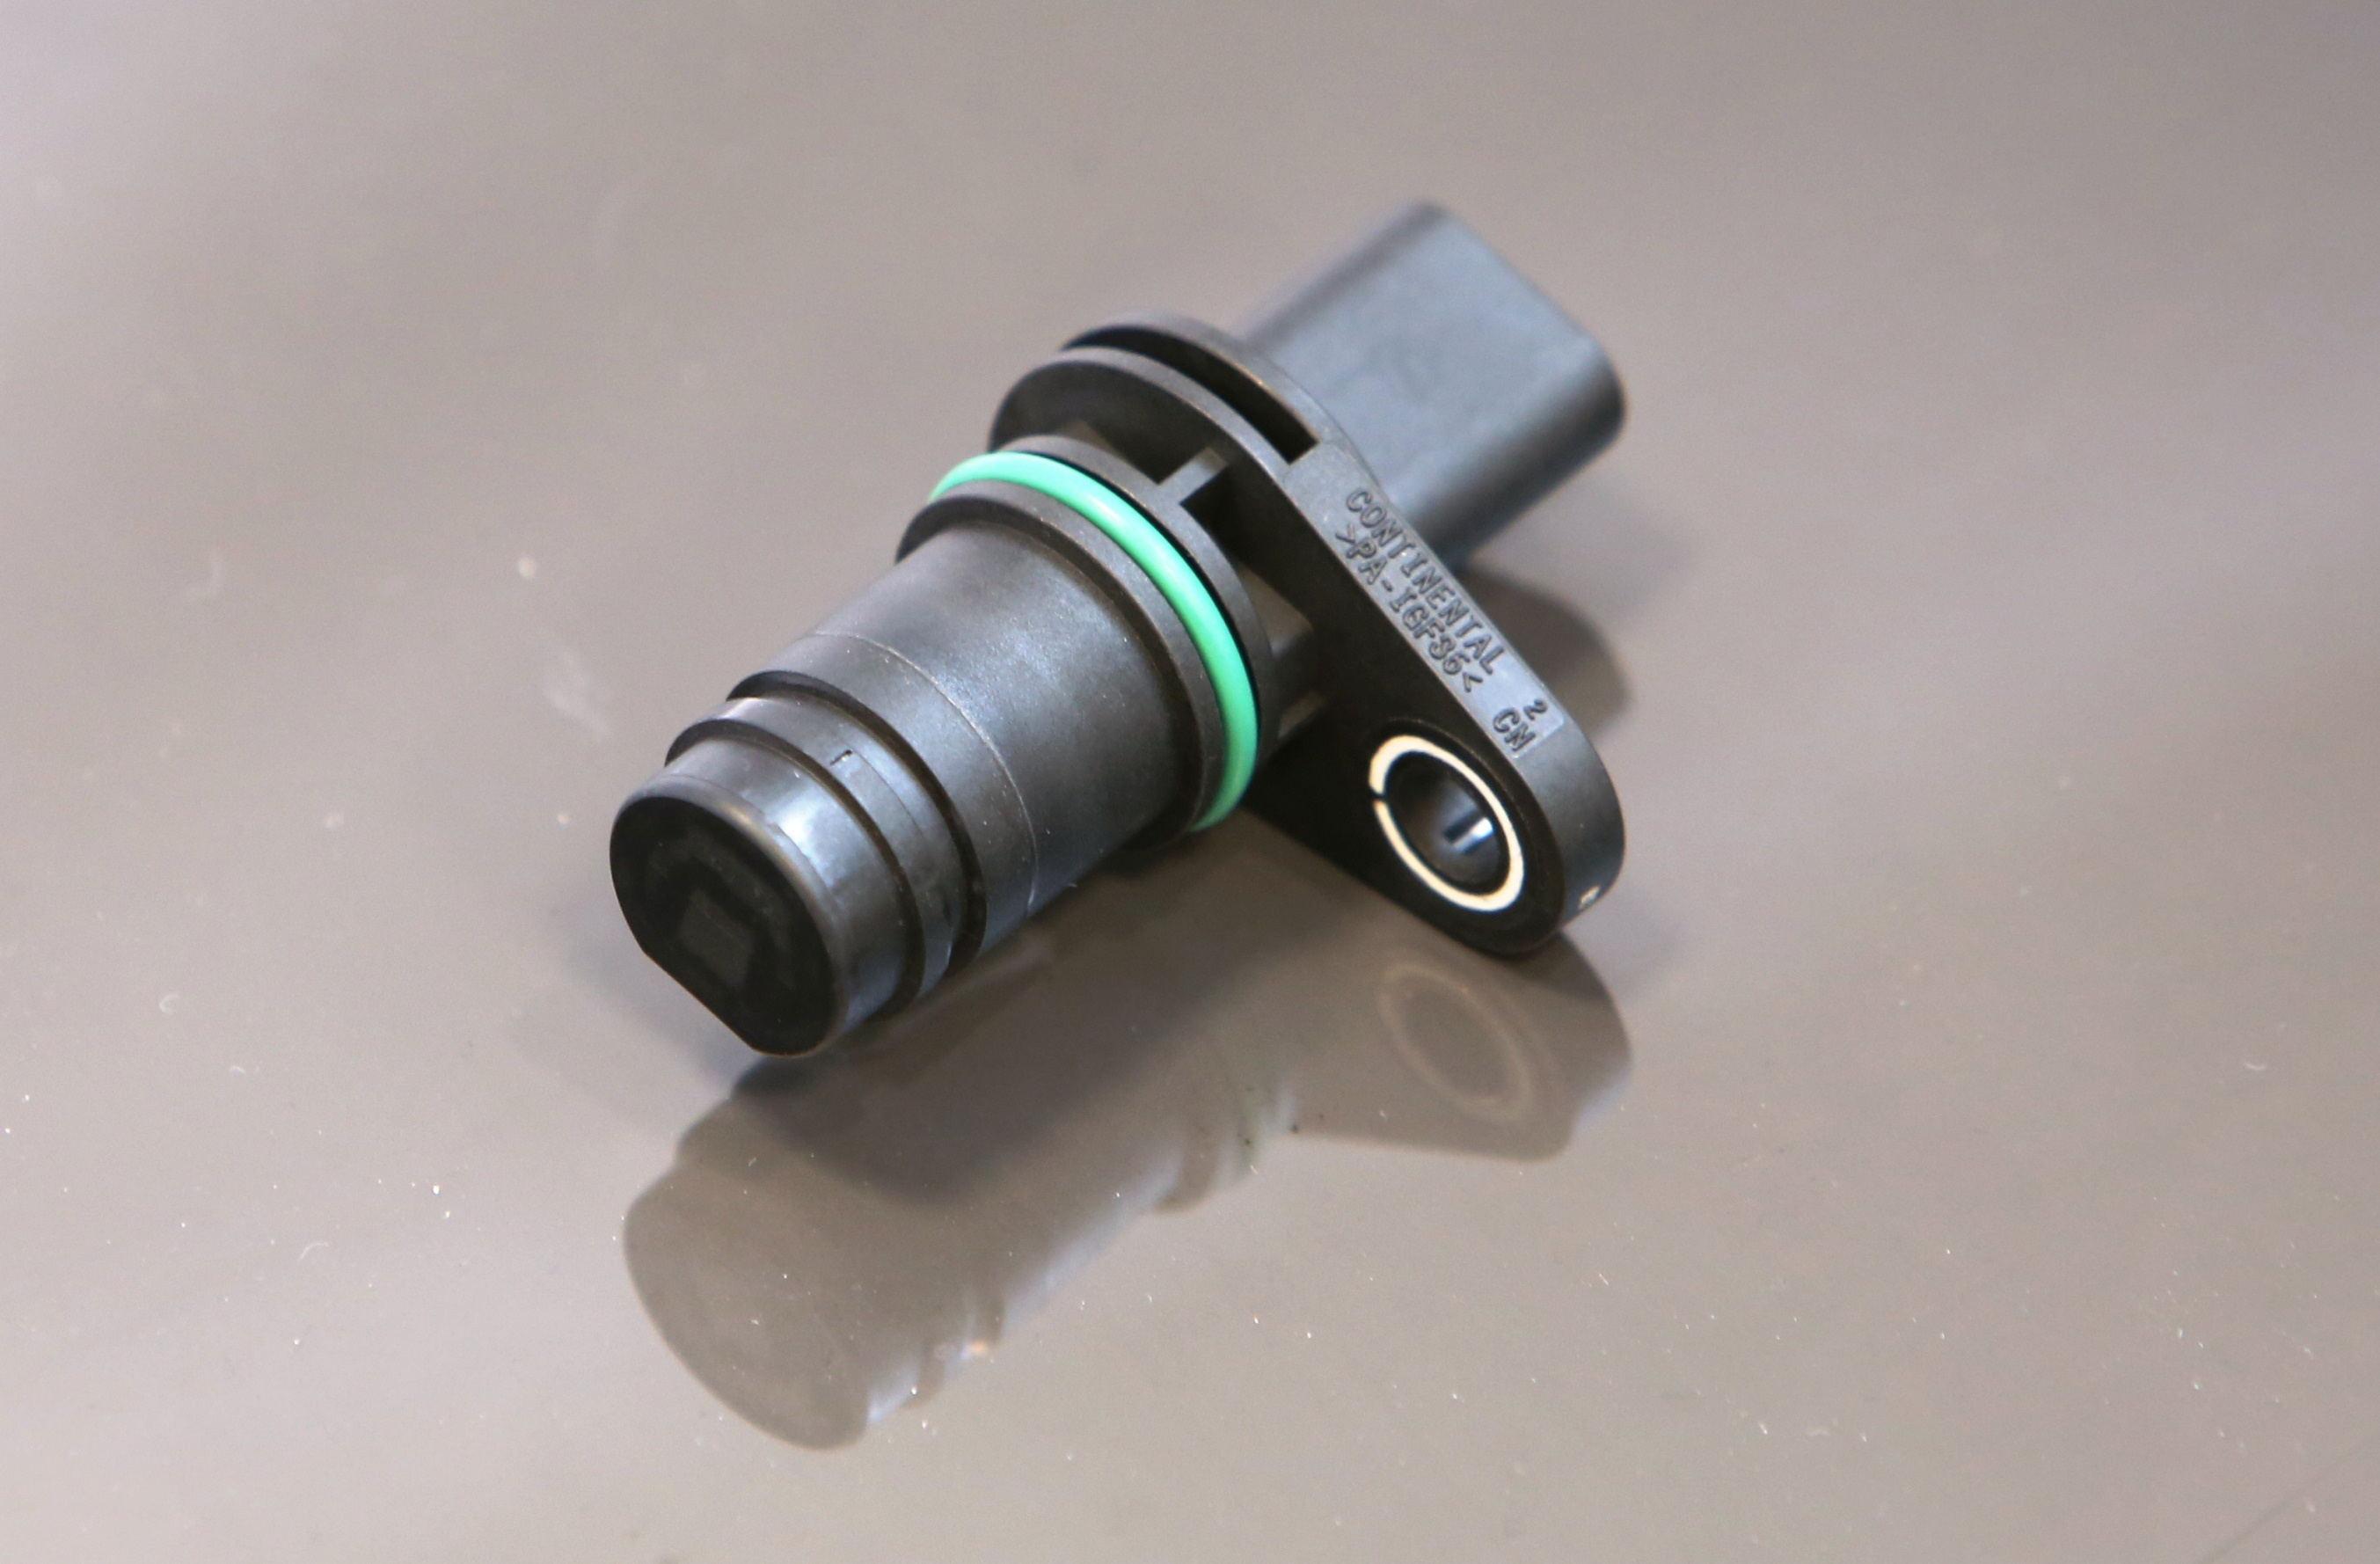 带方向检测的曲轴位置传感器(cpdd)帮助整车厂满足中国日益严苛的排放